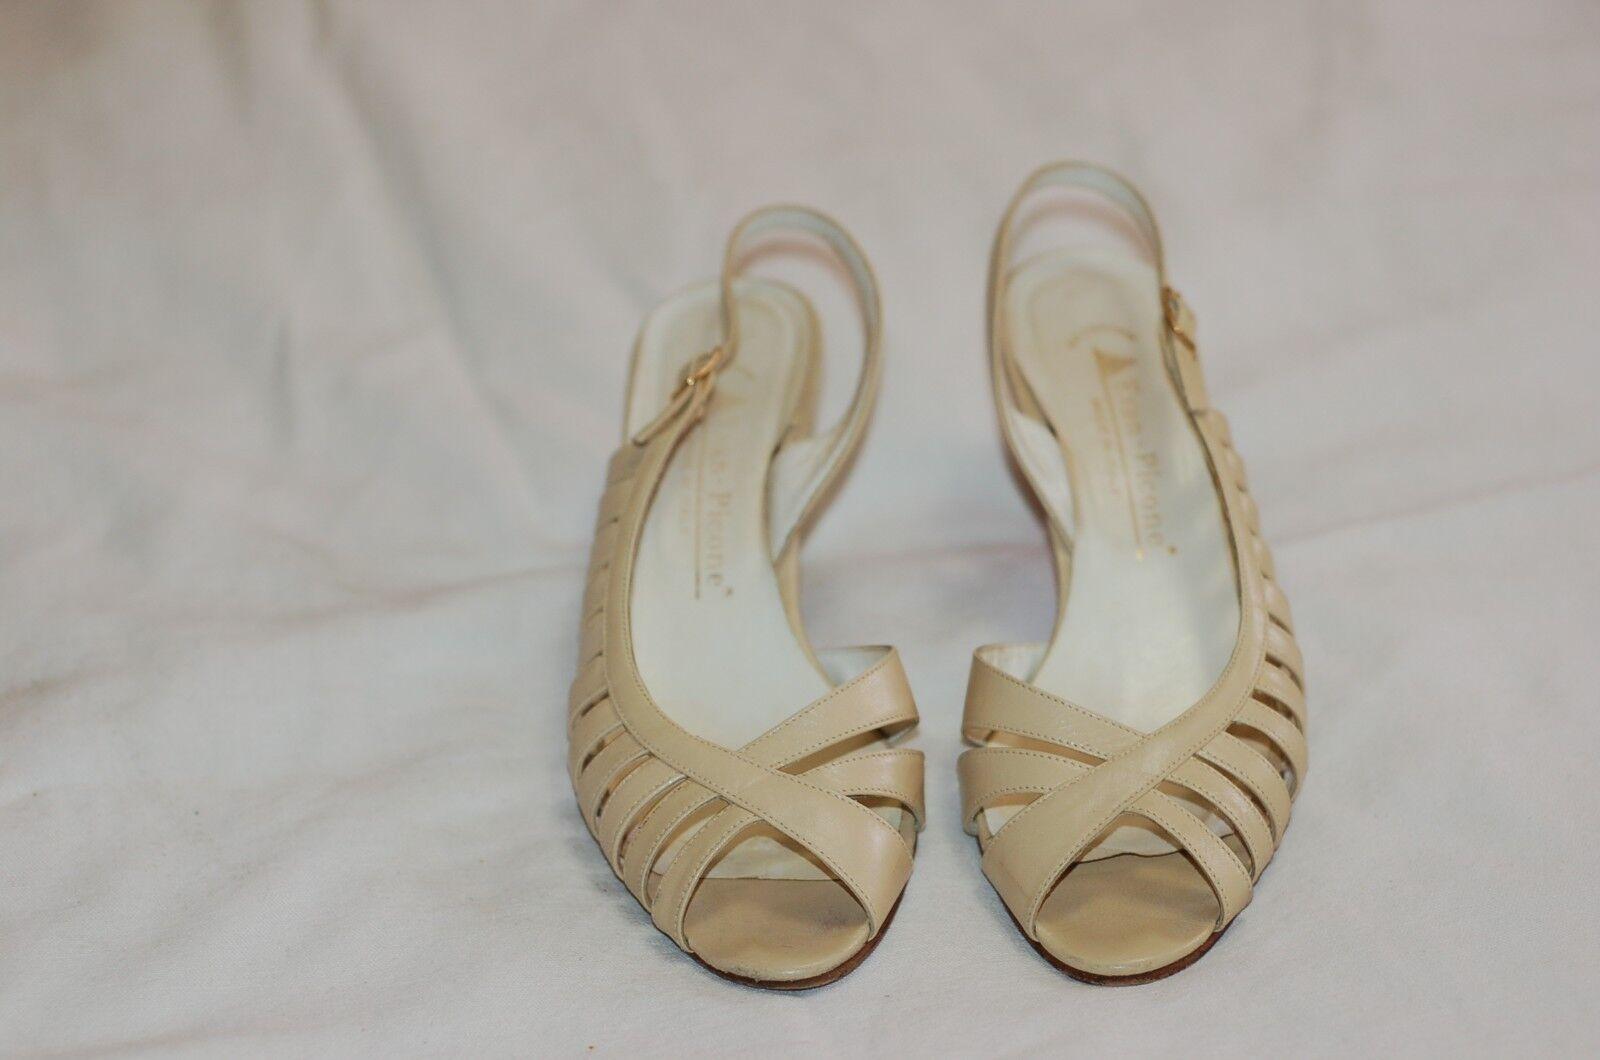 Evan Picone Cream Cream Cream Leather Slingback Sandals shoes Sz 8 1 2 Medium Made in  639298